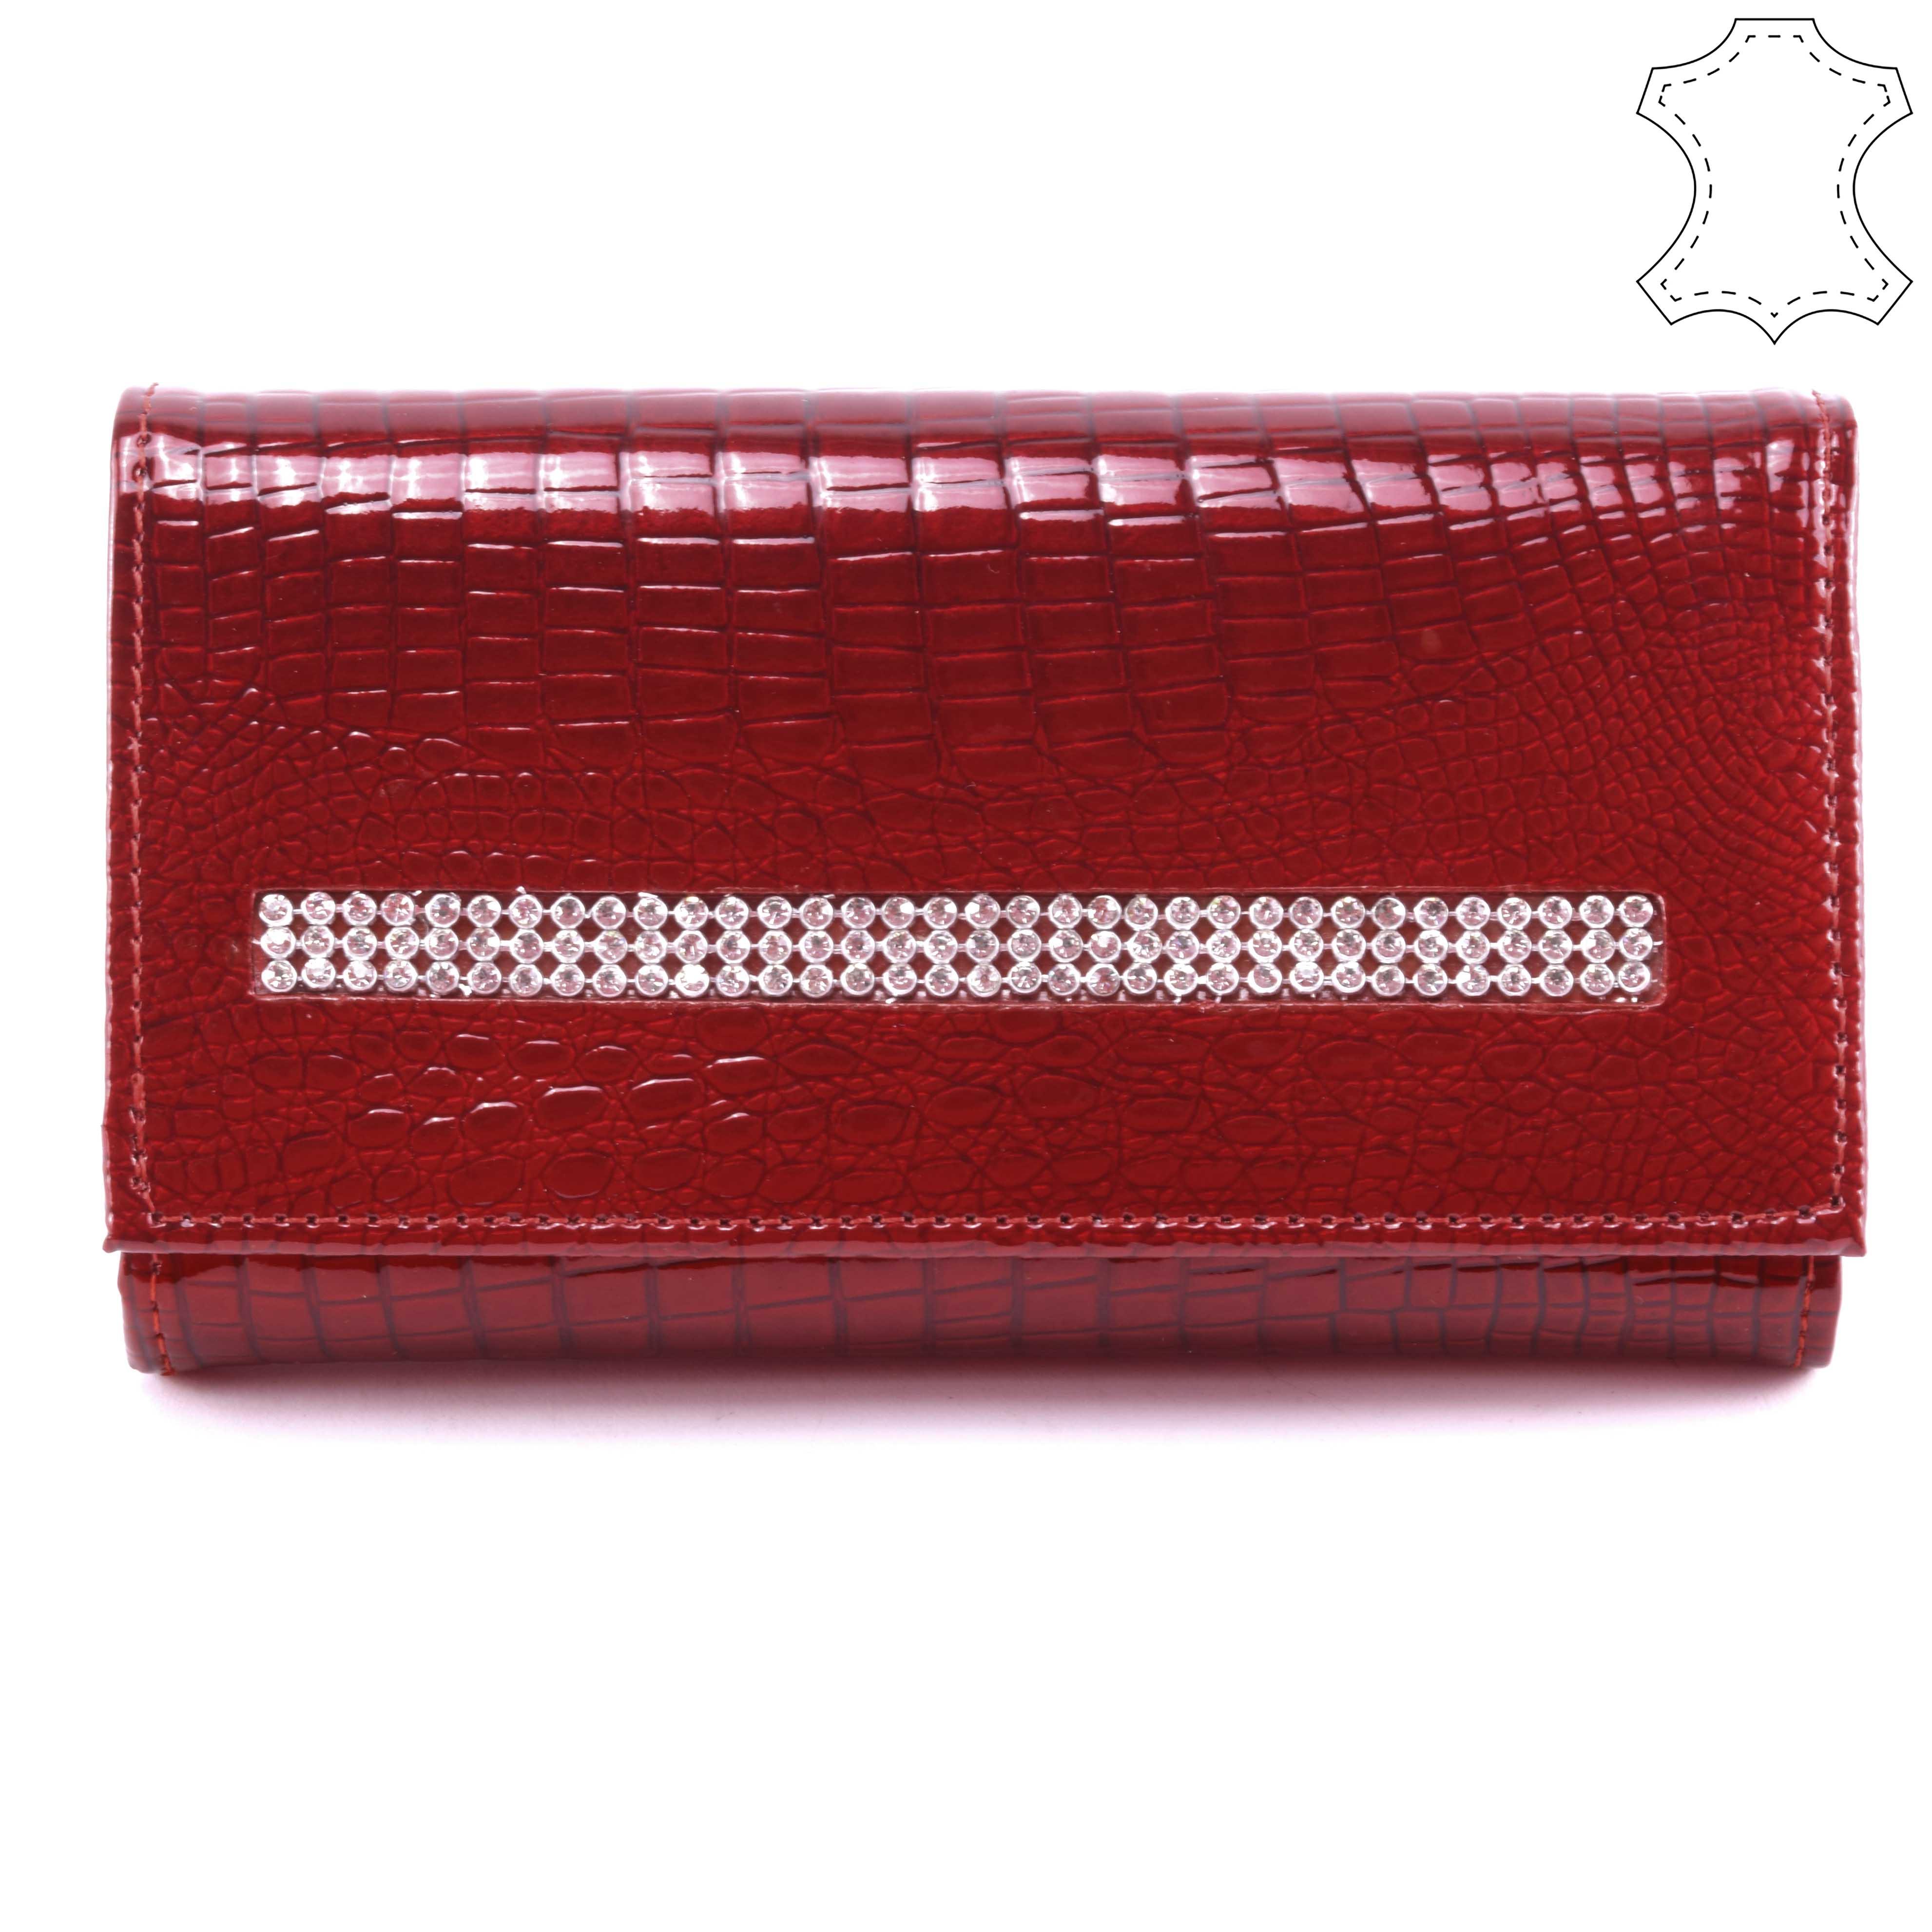 c23563c7dd Loren Női Lakkbőr Pénztárca Piros - NŐI PÉNZTÁRCÁK - Táska webáruház - Minőségi  táskák mindenkinek